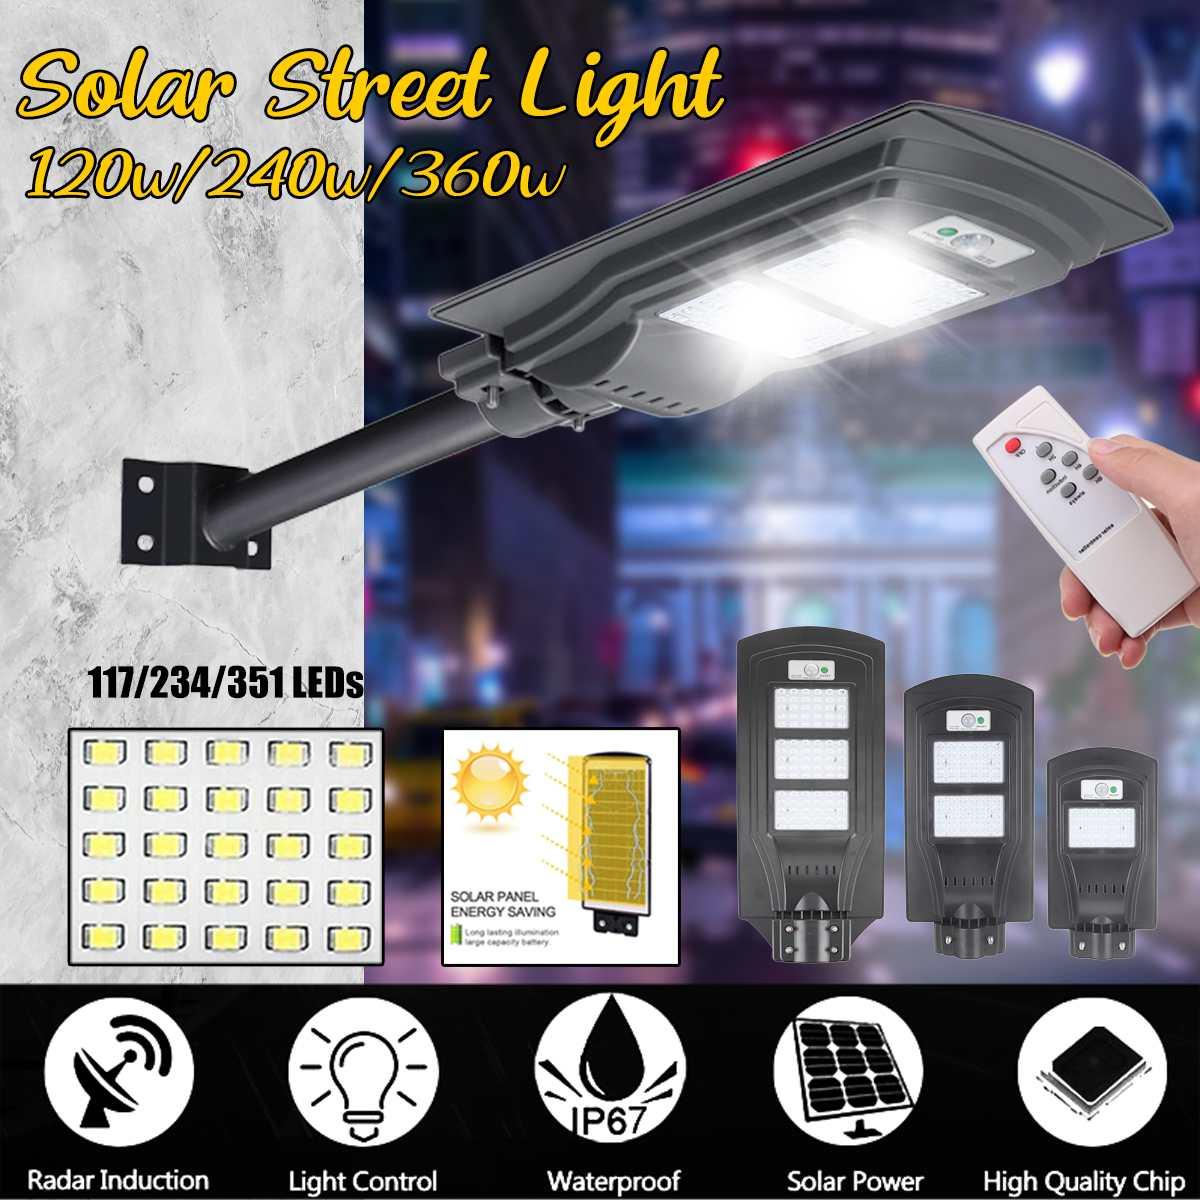 Contrebande xi 23000LM 120 W/240 W/360 W réverbère solaire 117/234/351 LED éclairage extérieur lampe de sécurité capteur de mouvement télécommande IP65